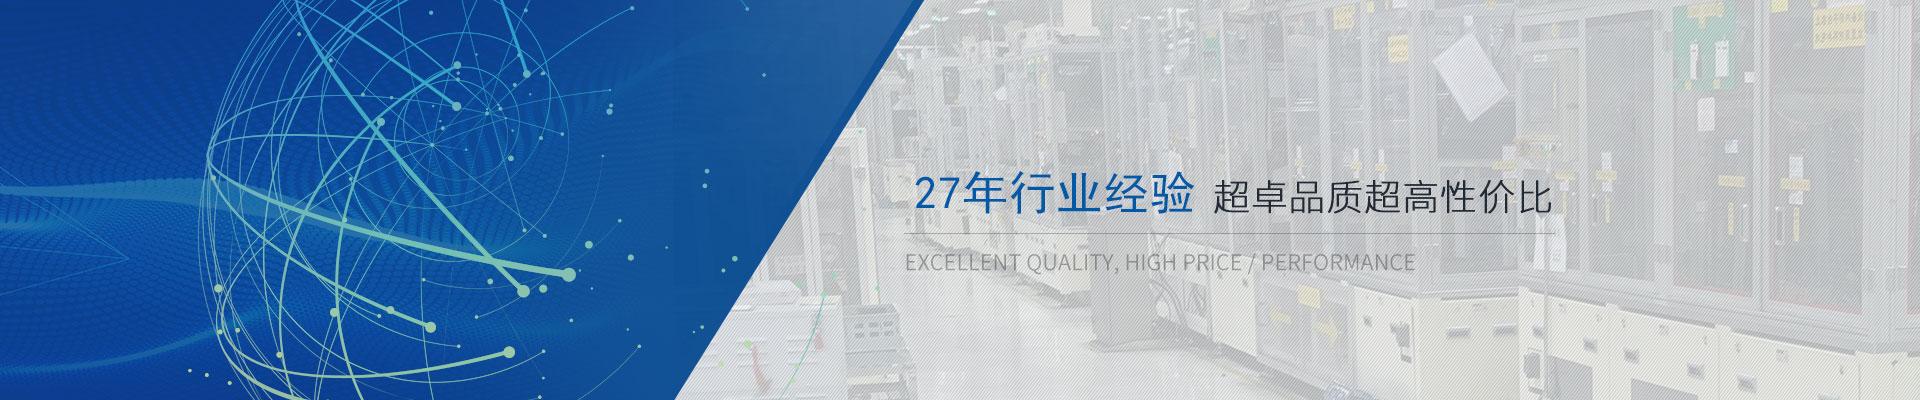 鸿发27年行业经验超卓品质超高性价比